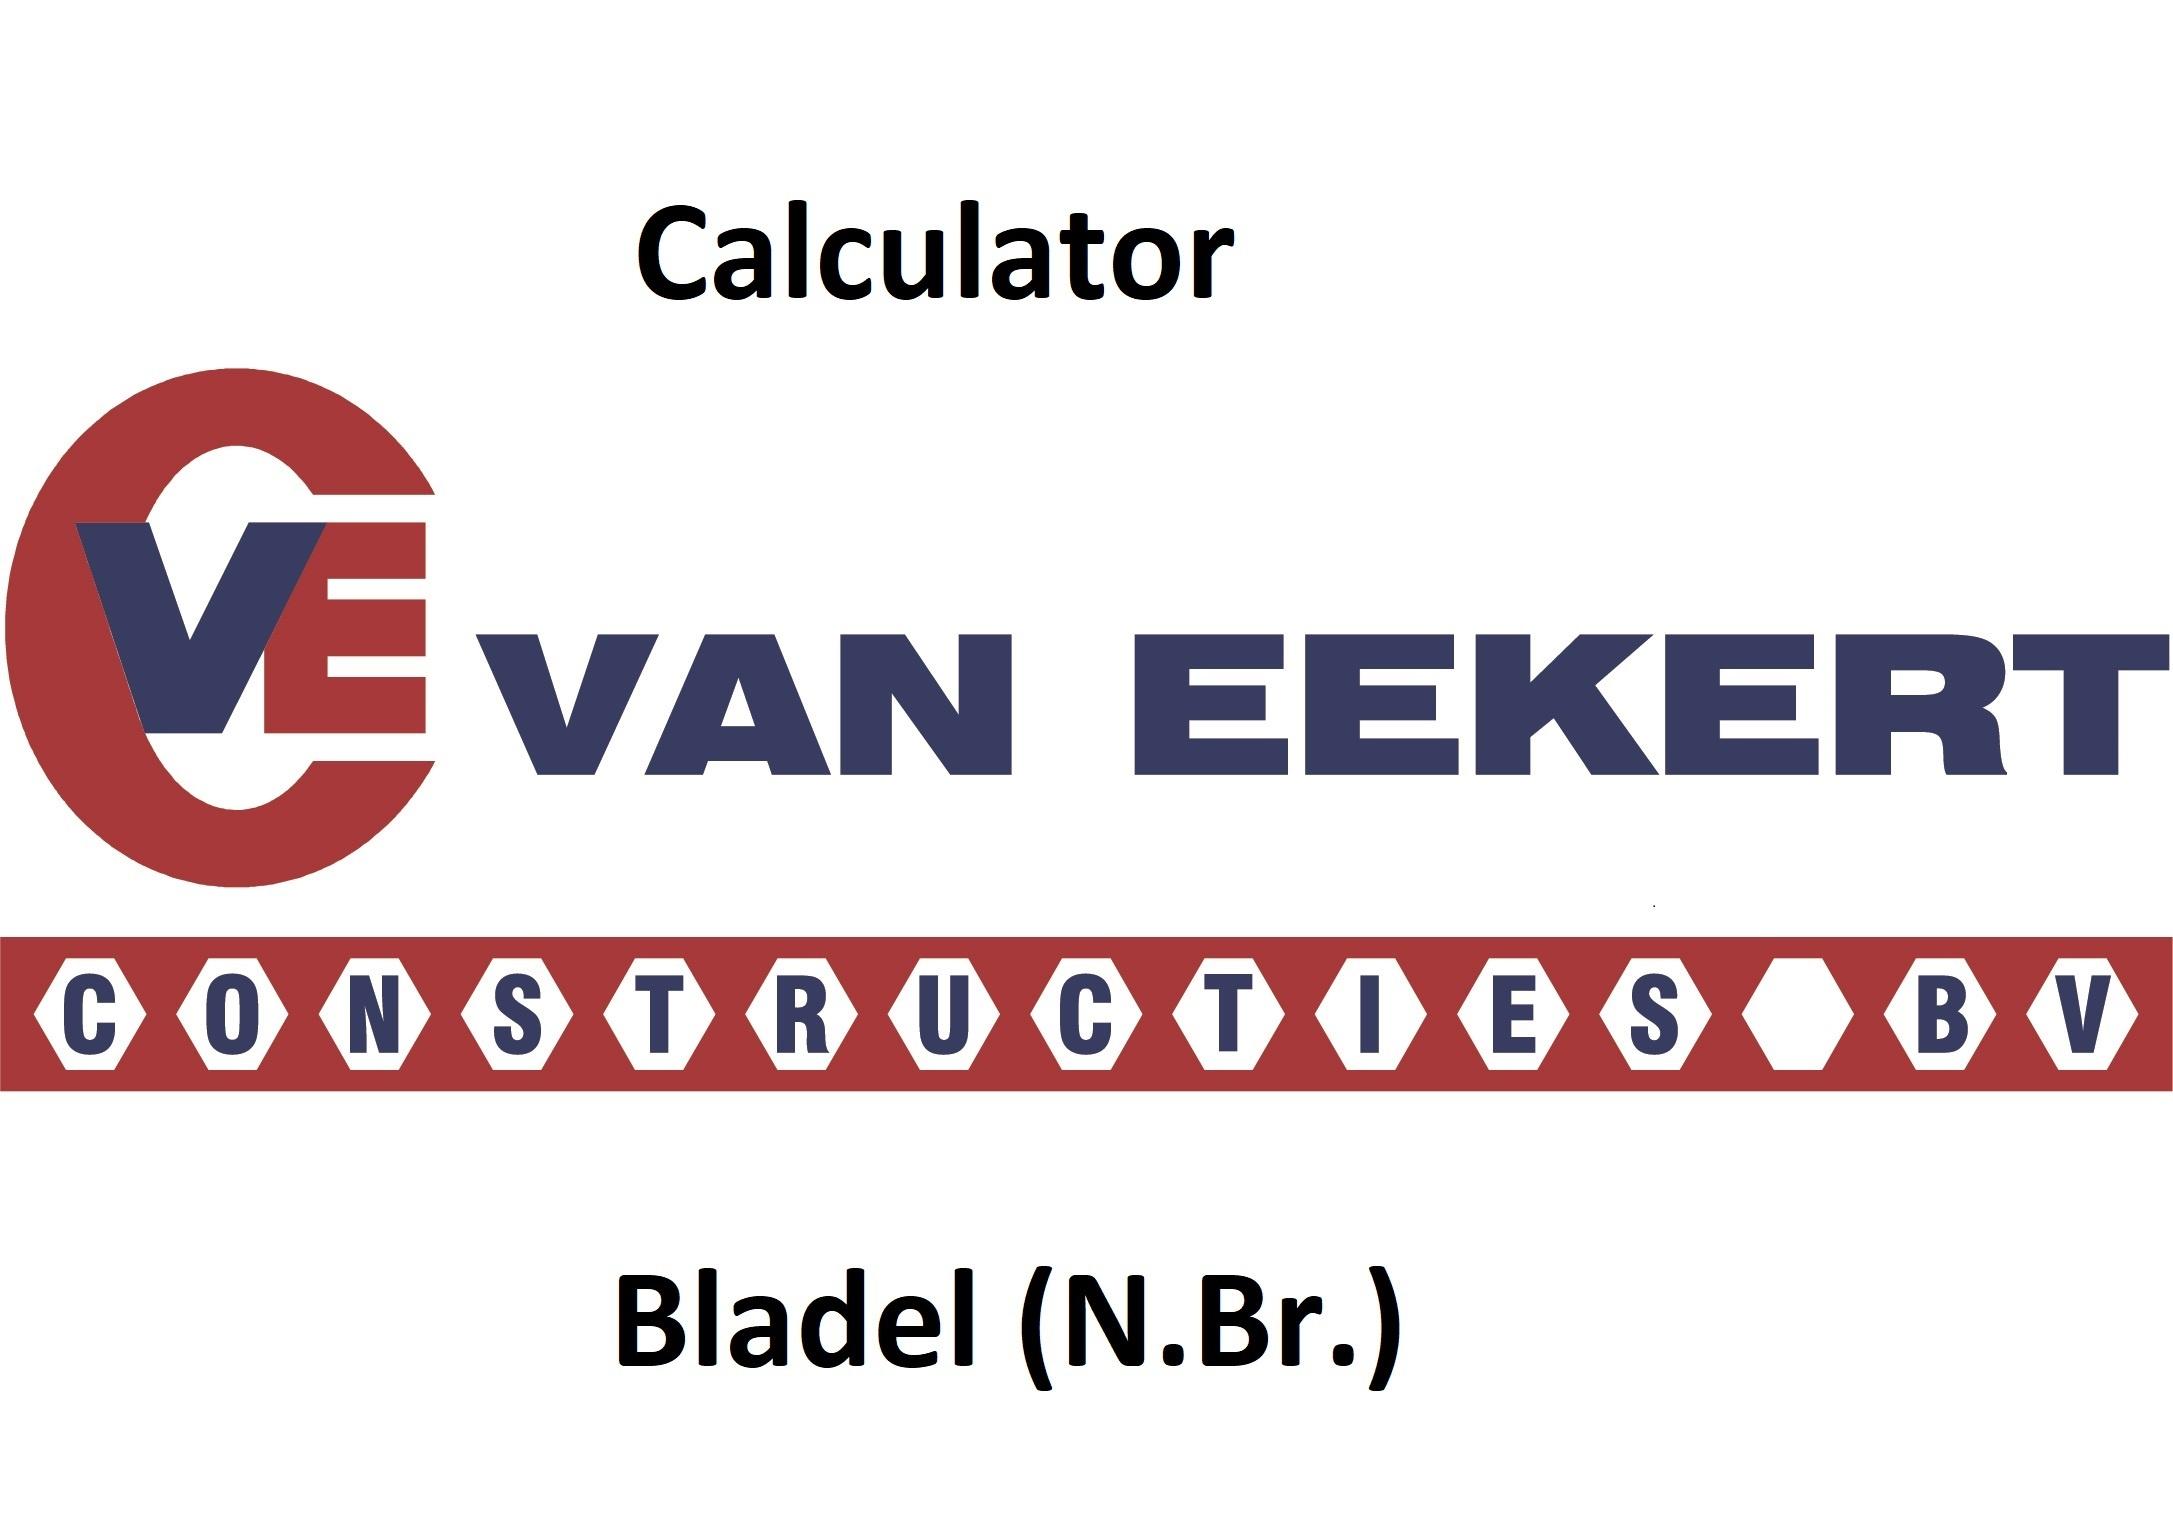 vacature voor een calculator staalconstructies in Bladel